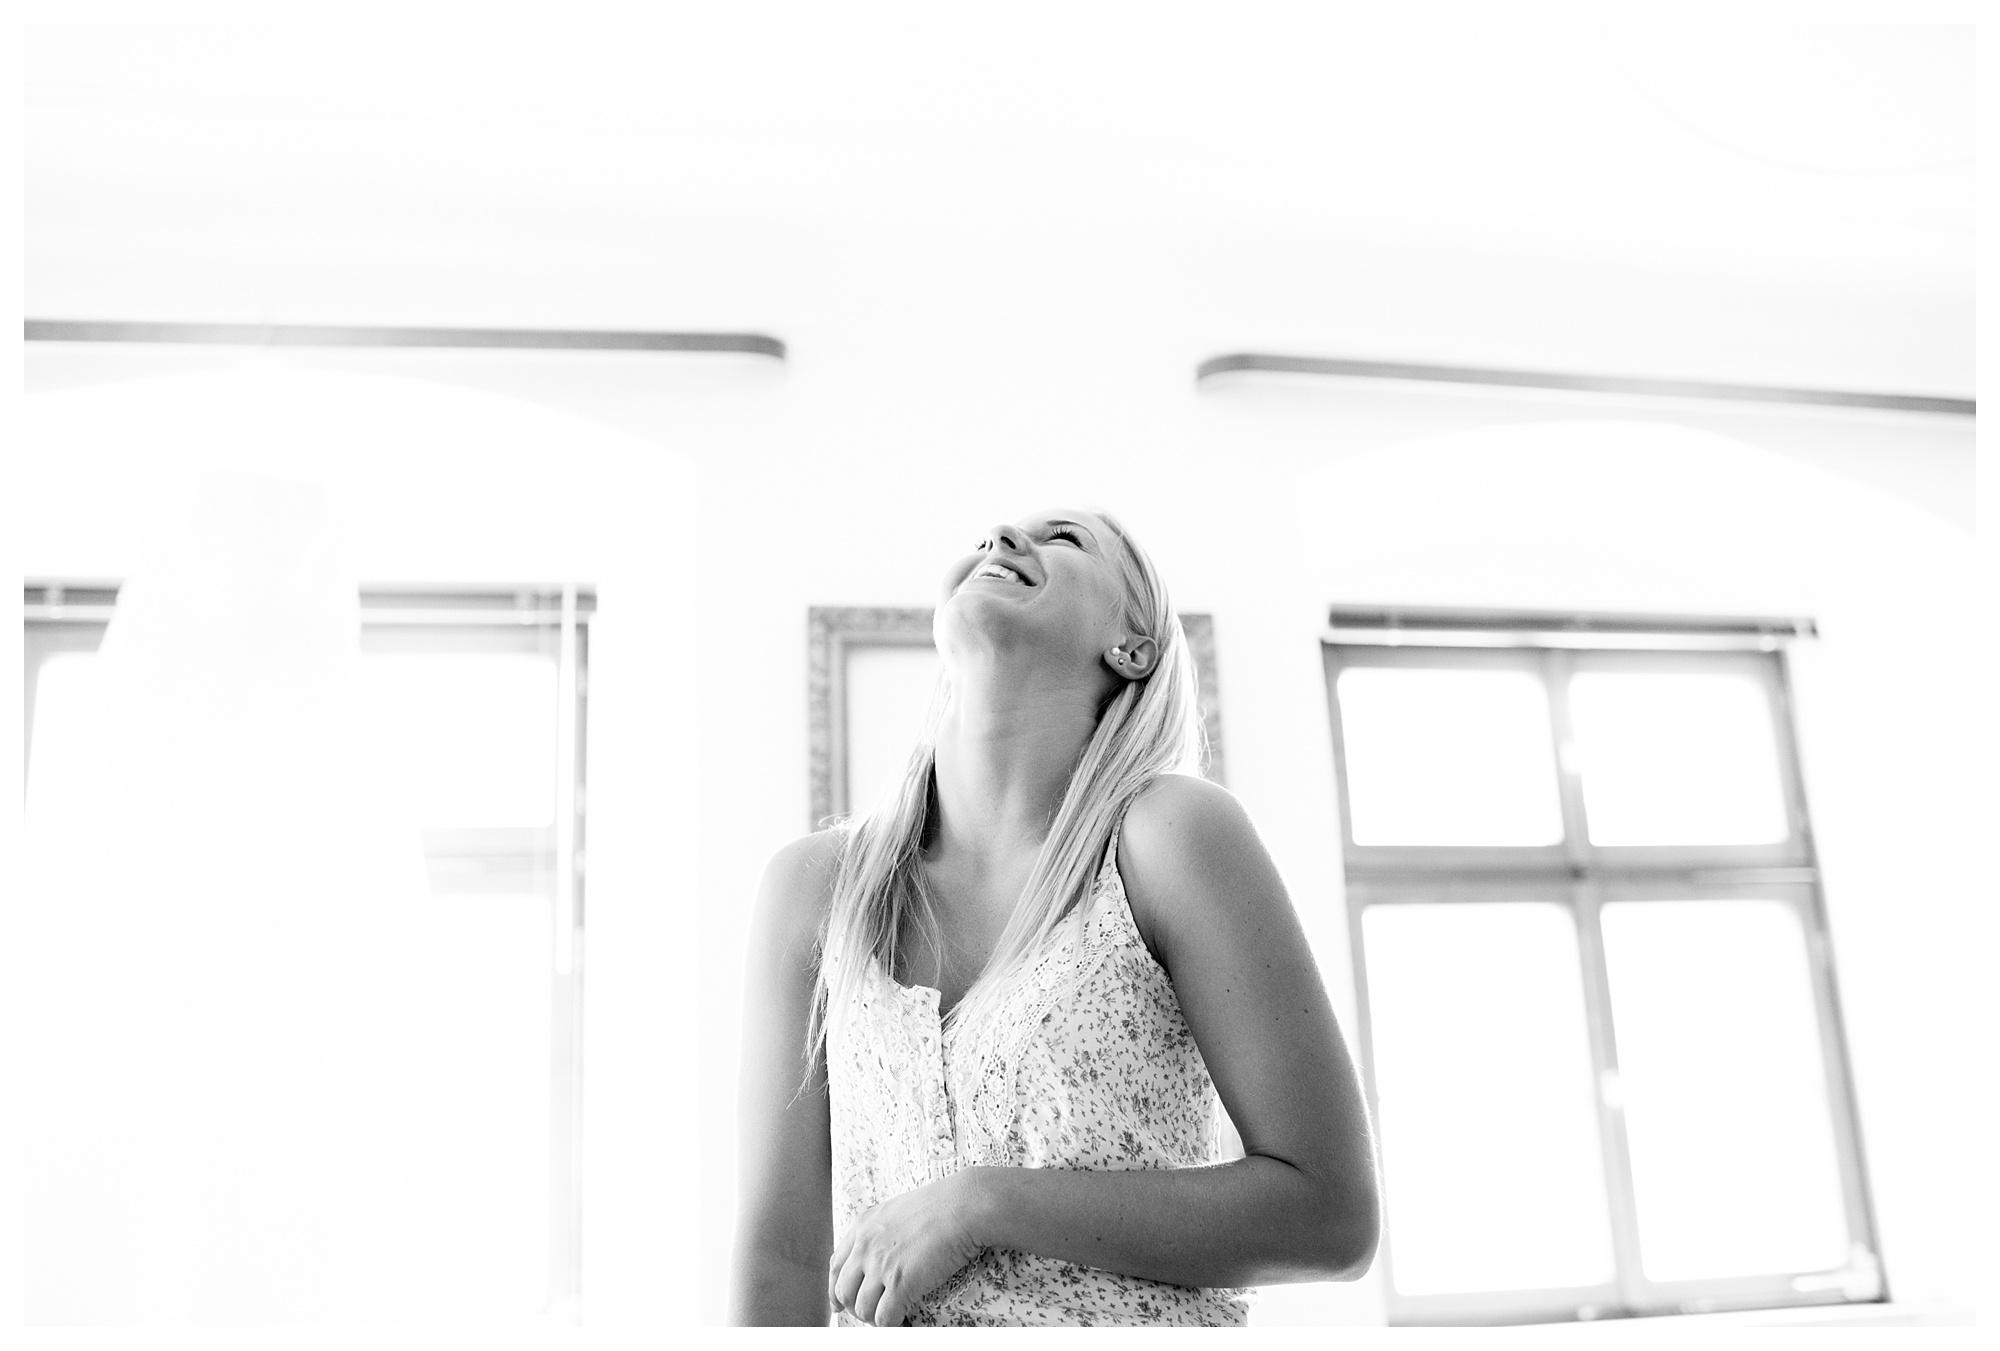 Fotograf Konstanz - Best of 2014 Elmar Feuerbacher Photography Hochzeit Portrait 048 - Rückblick auf 2014  - 14 -